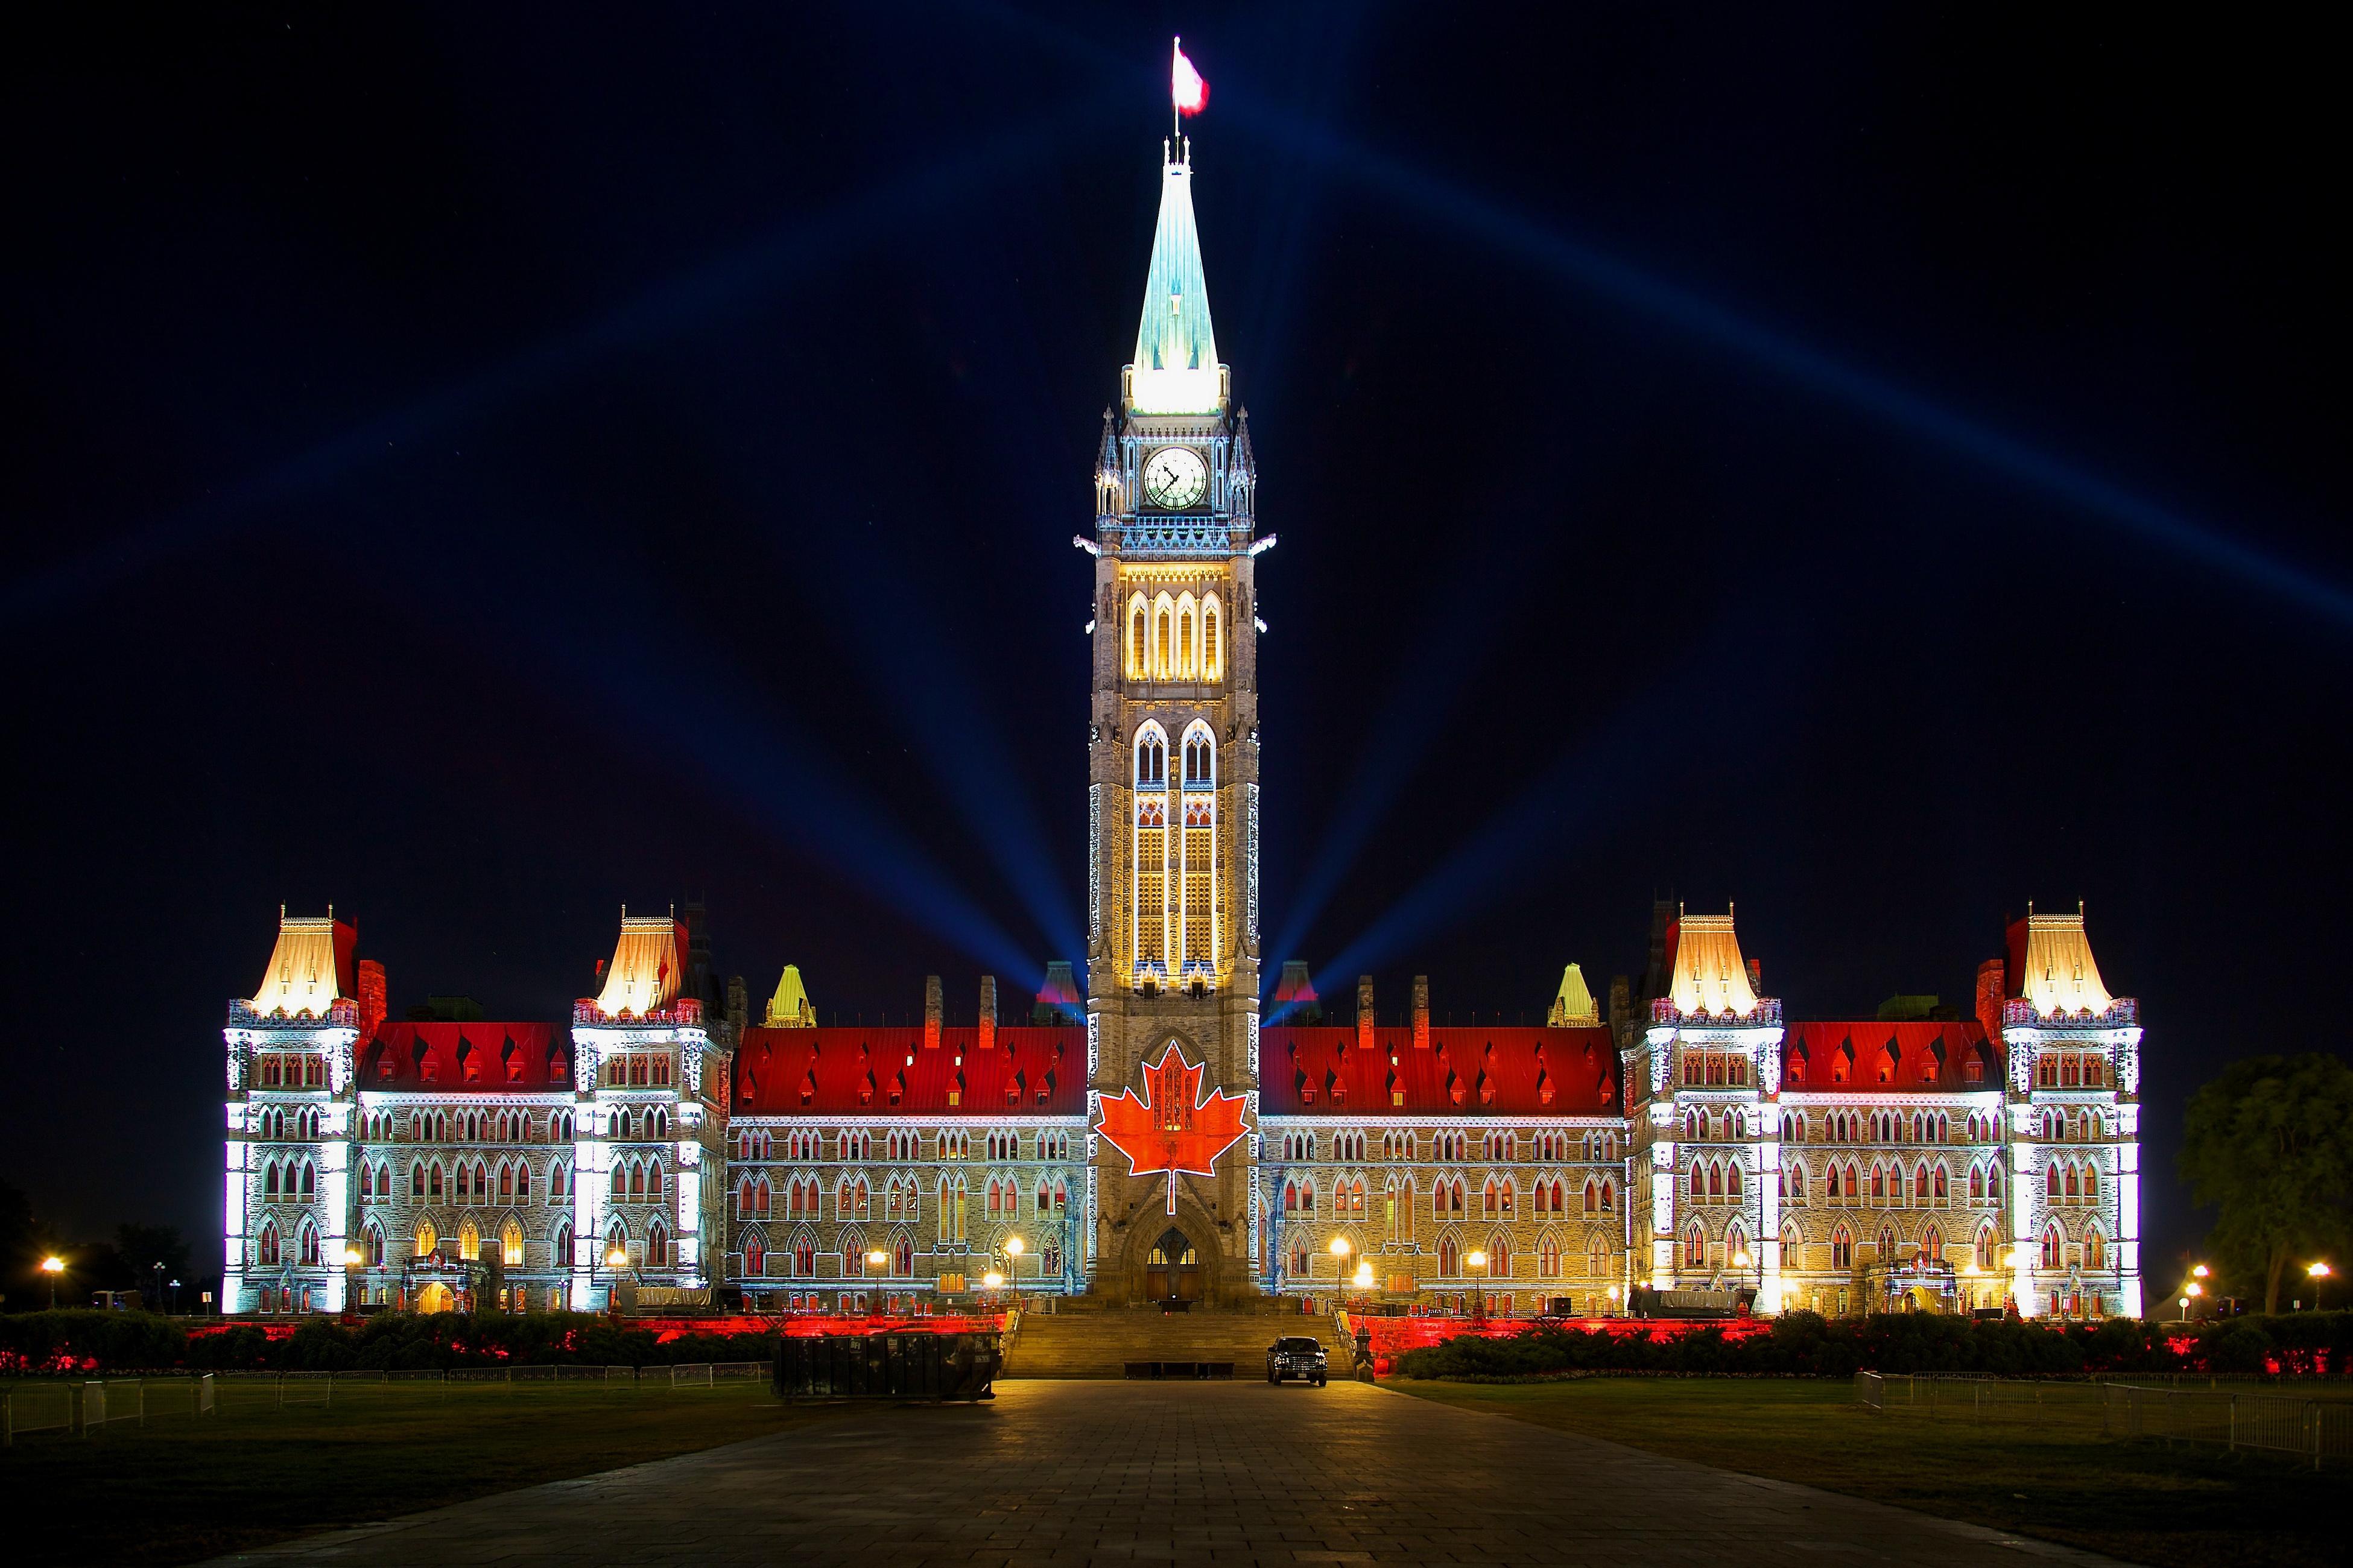 Канадский дворец загрузить